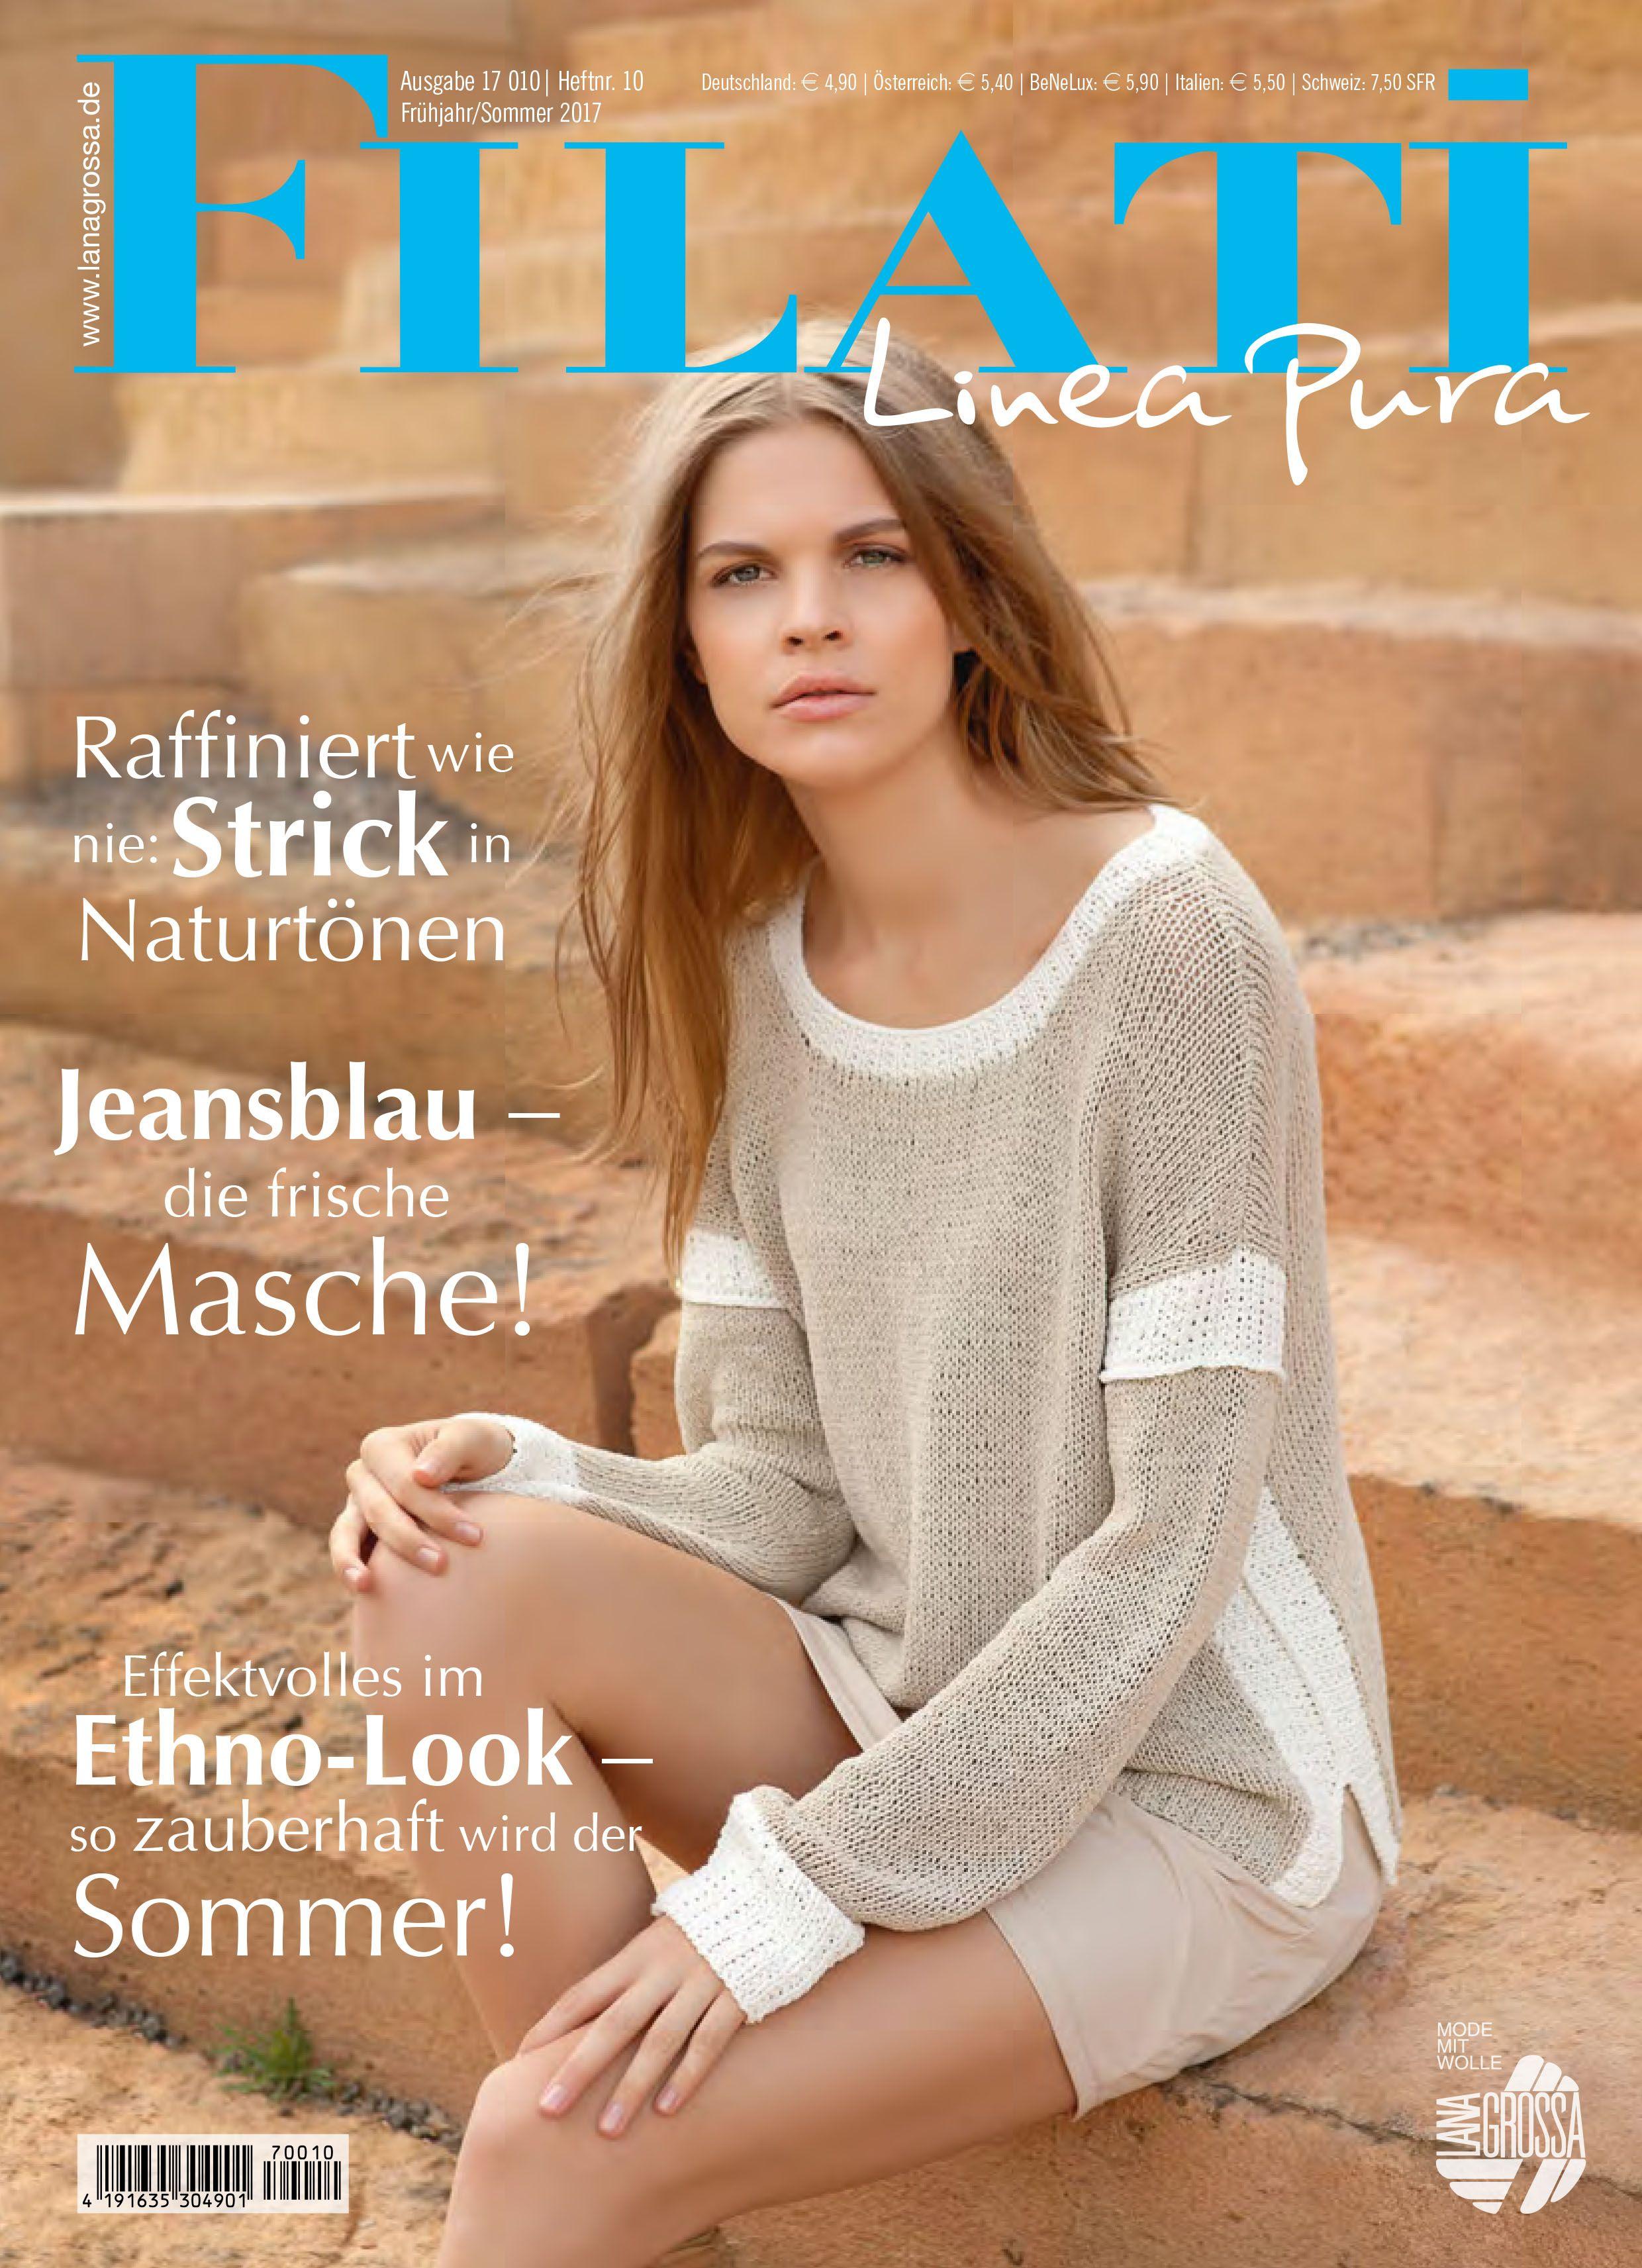 Lana Grossa LINEA PURA No. 10 | FILATI.cc WebShop | Linea Pura No ...